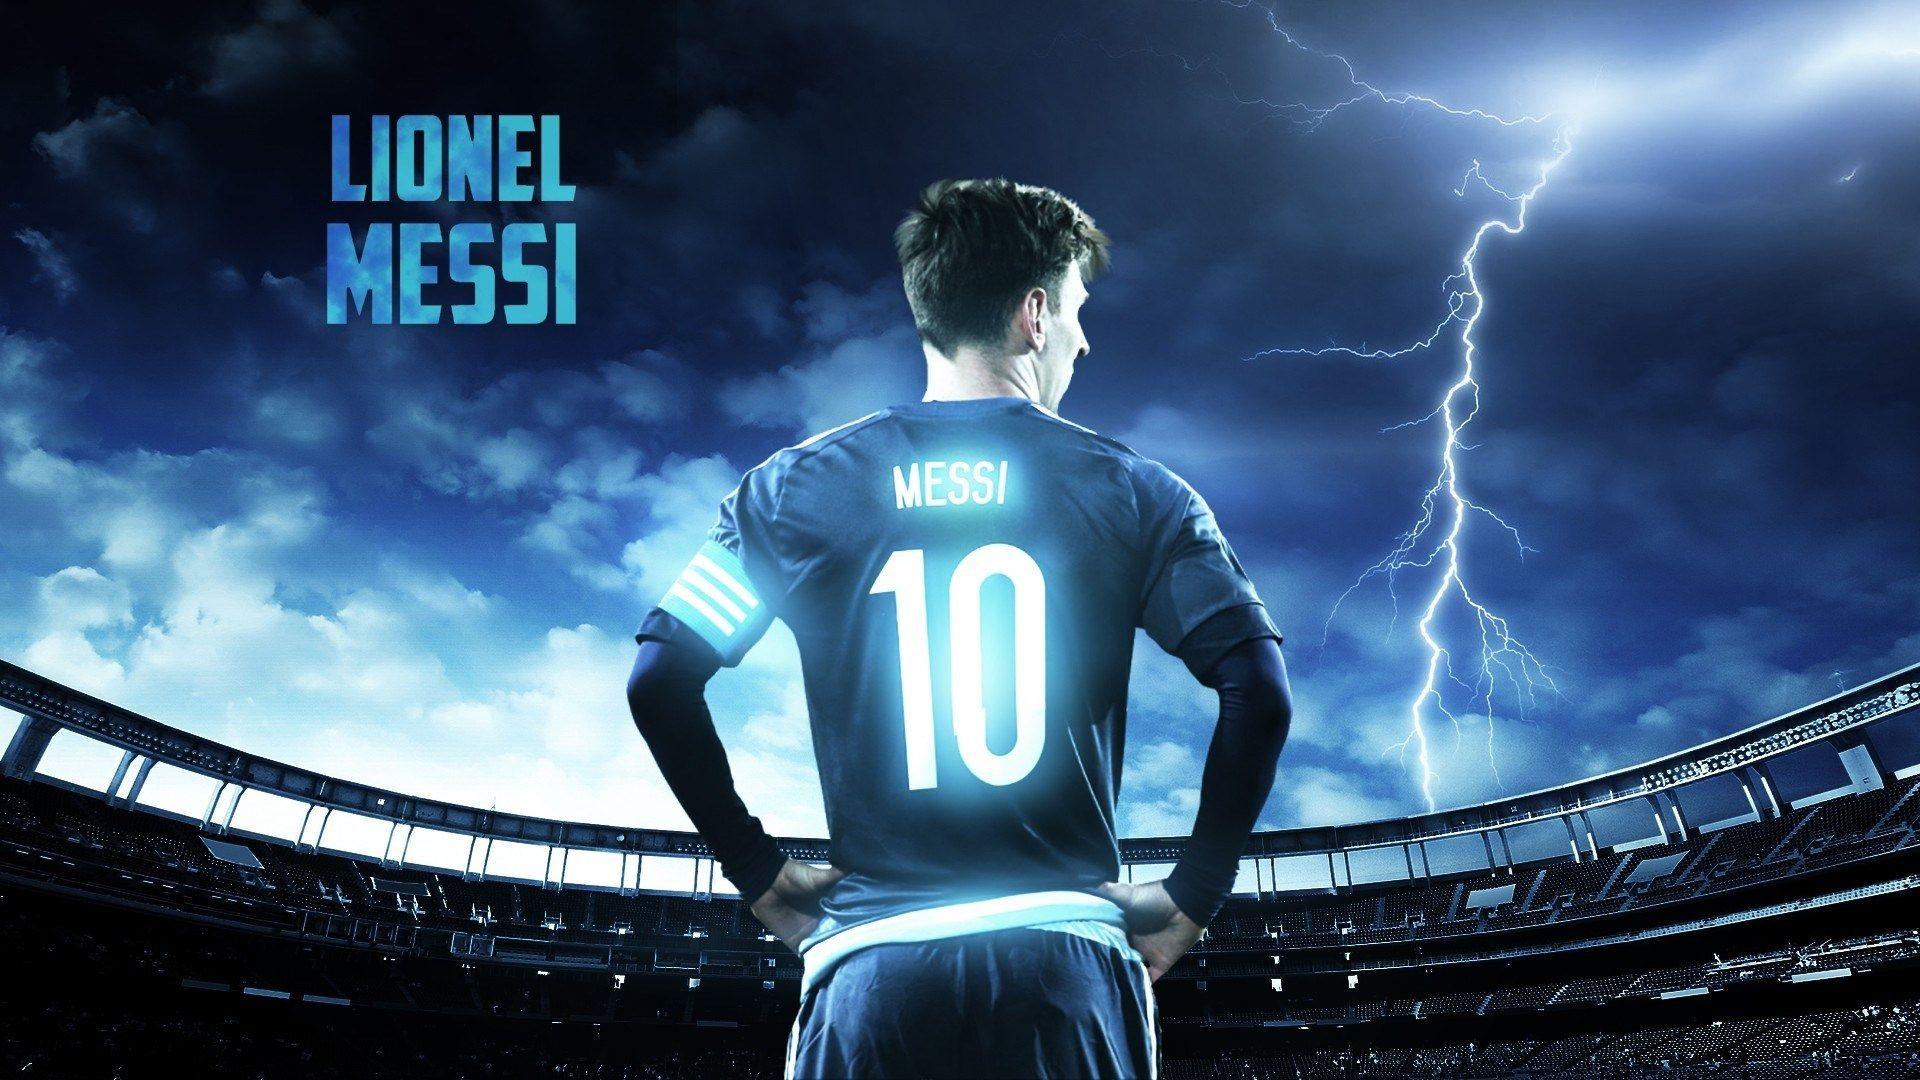 1920x1080 Leo Messi Hd Pc Wallpaper Lionel Messi Lionel Messi Wallpapers Leo Messi